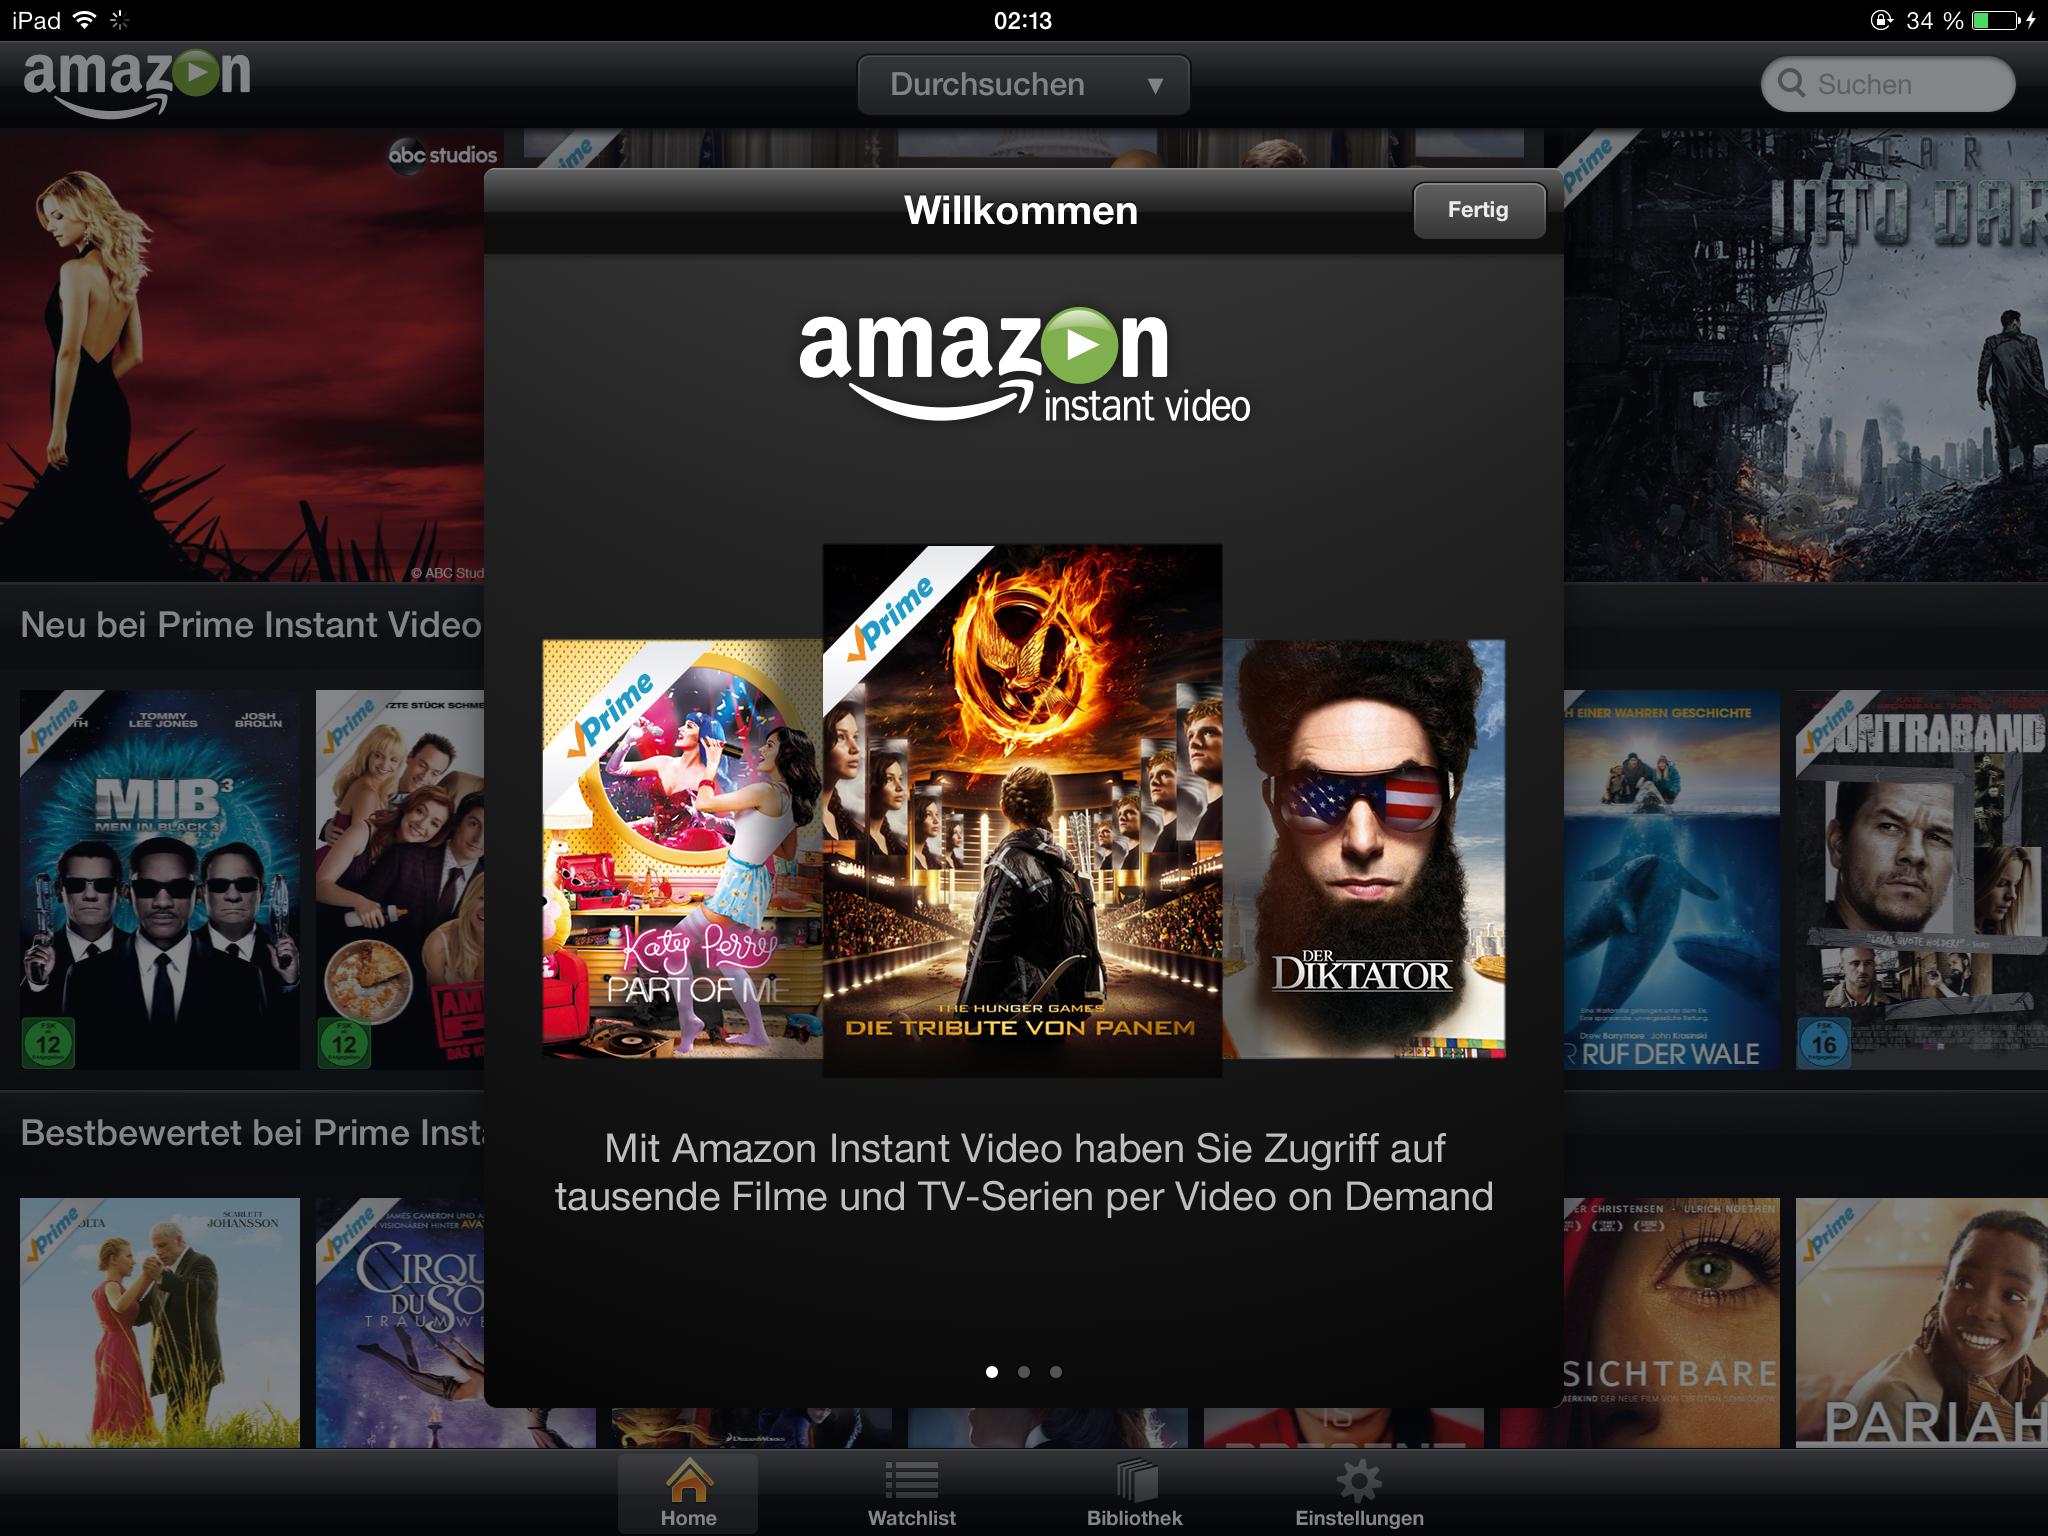 Amazon Instant Video: Mehr Traffic in USA als Hulu und Apple